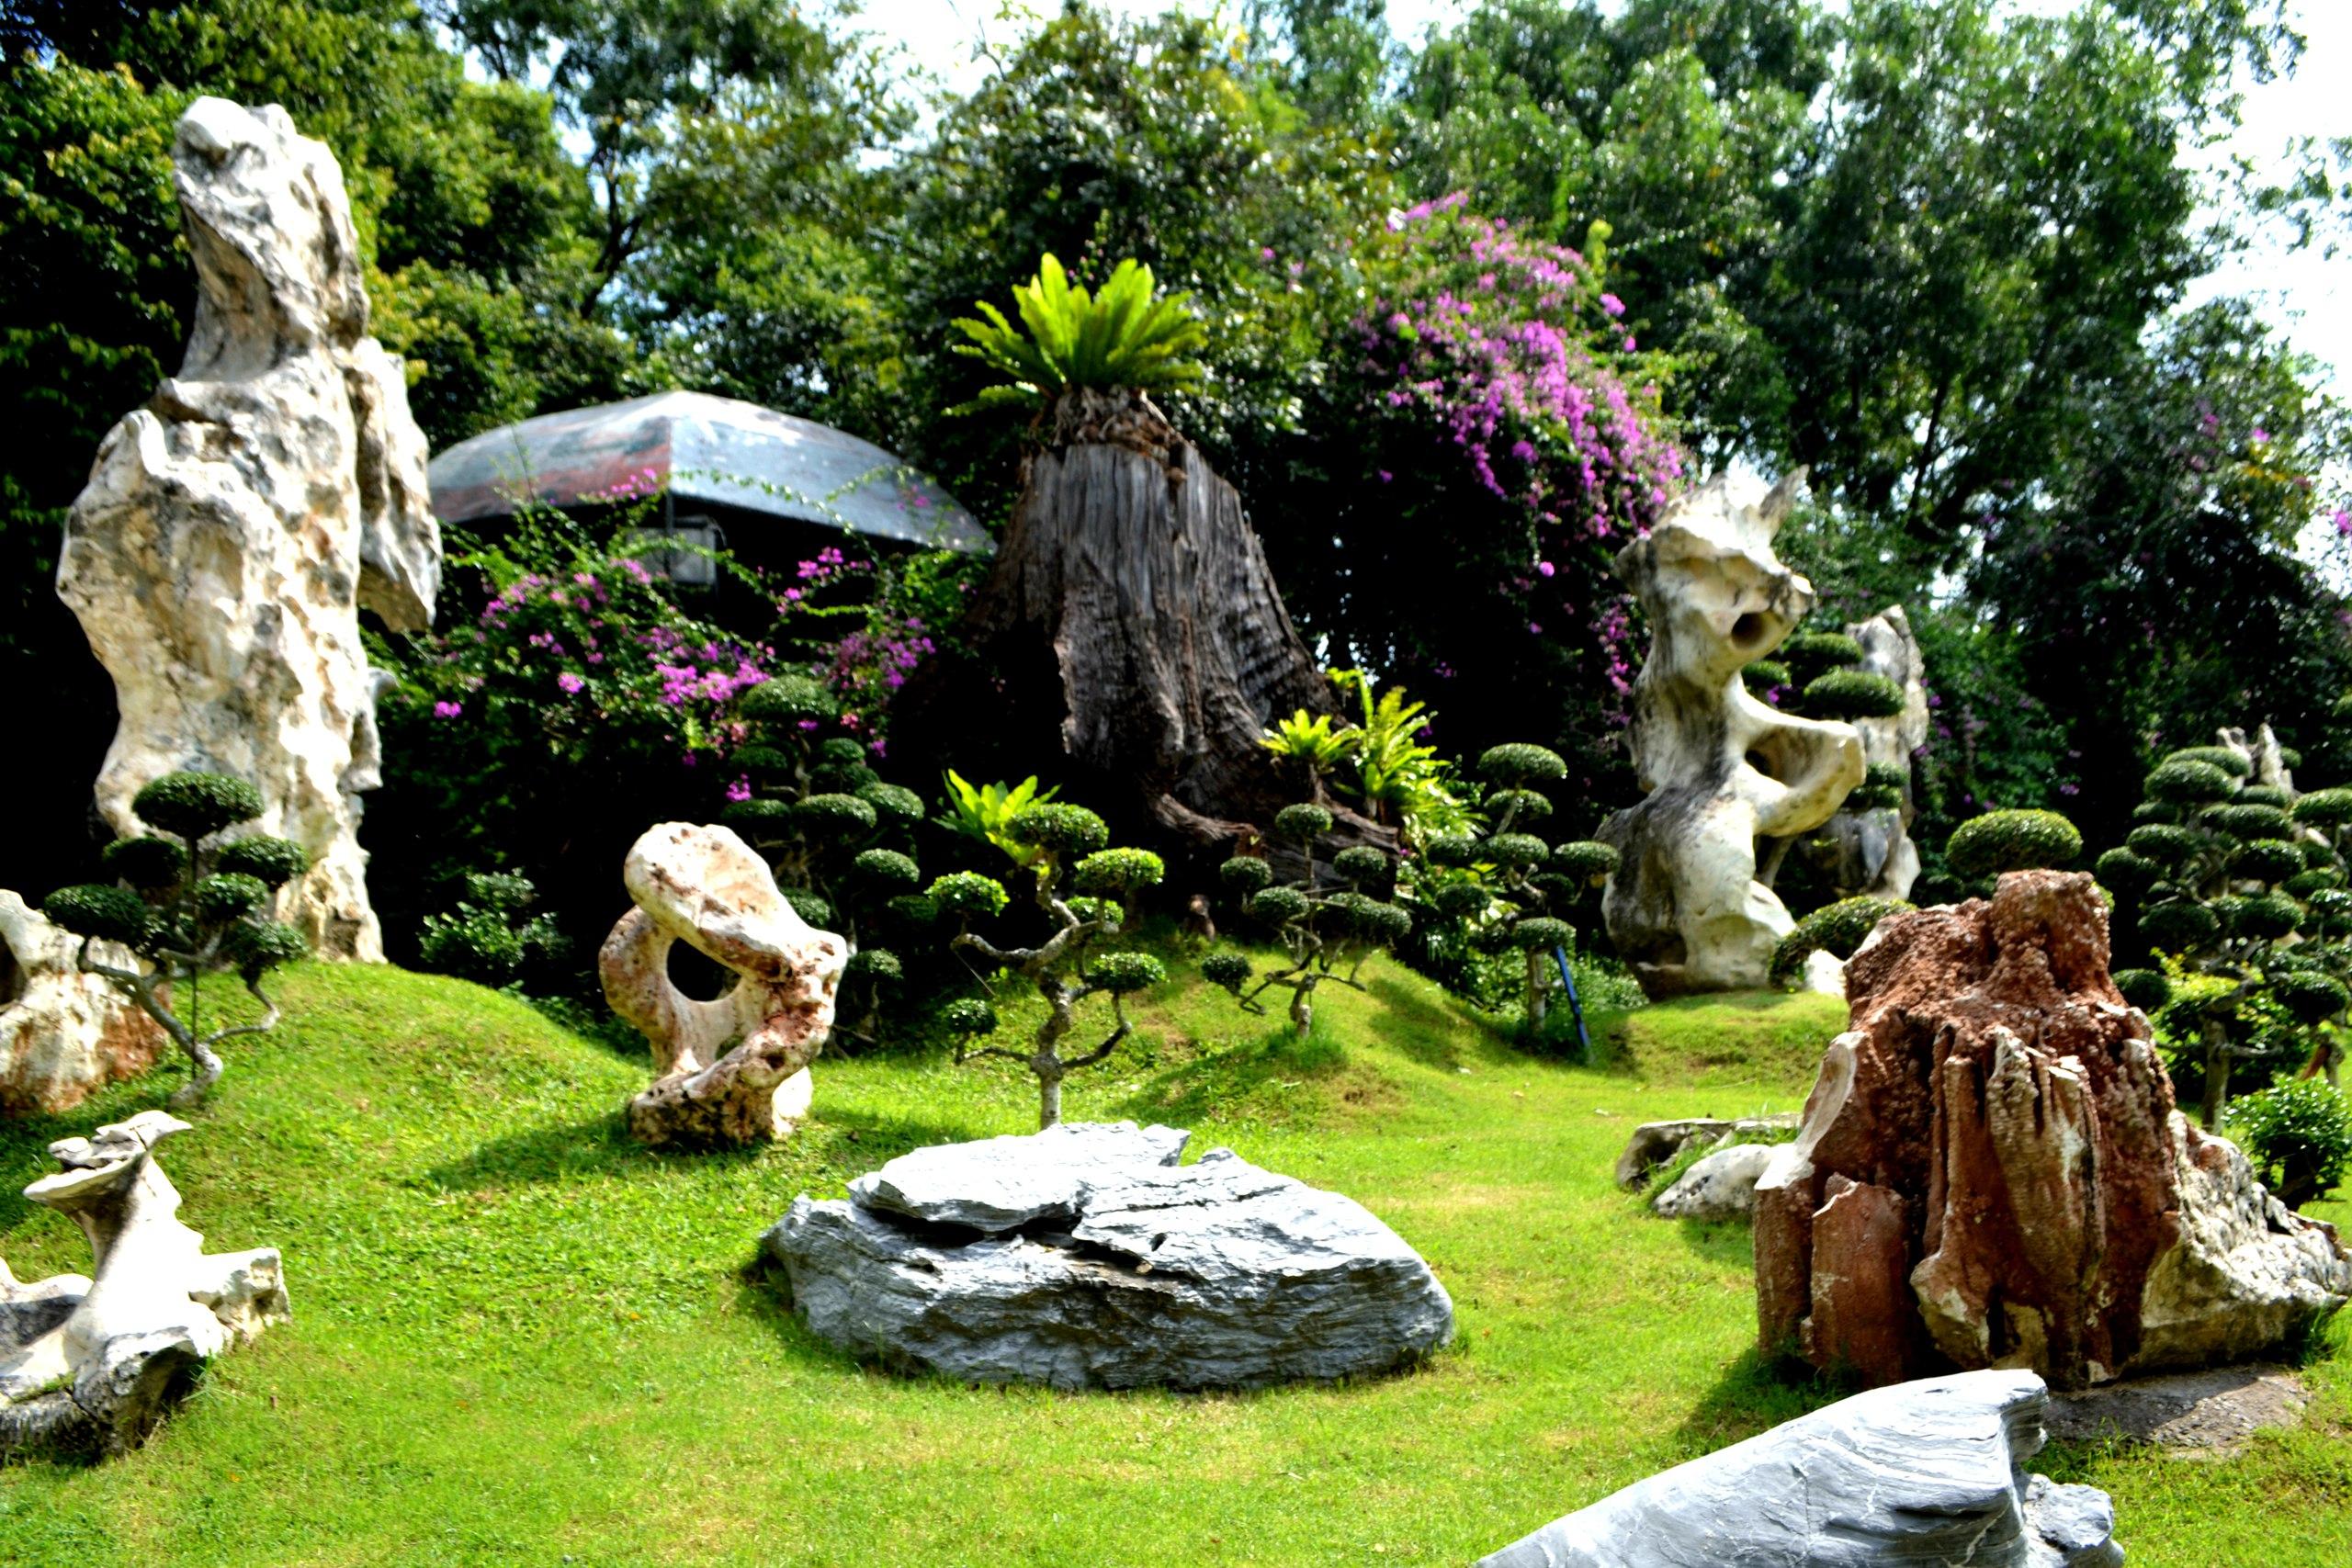 отдых - Елена Руденко ( Валтея ). Таиланд. Парк миллионолетних камней и крокодиловая ферма. - Страница 3 F0MZ51PwQfE